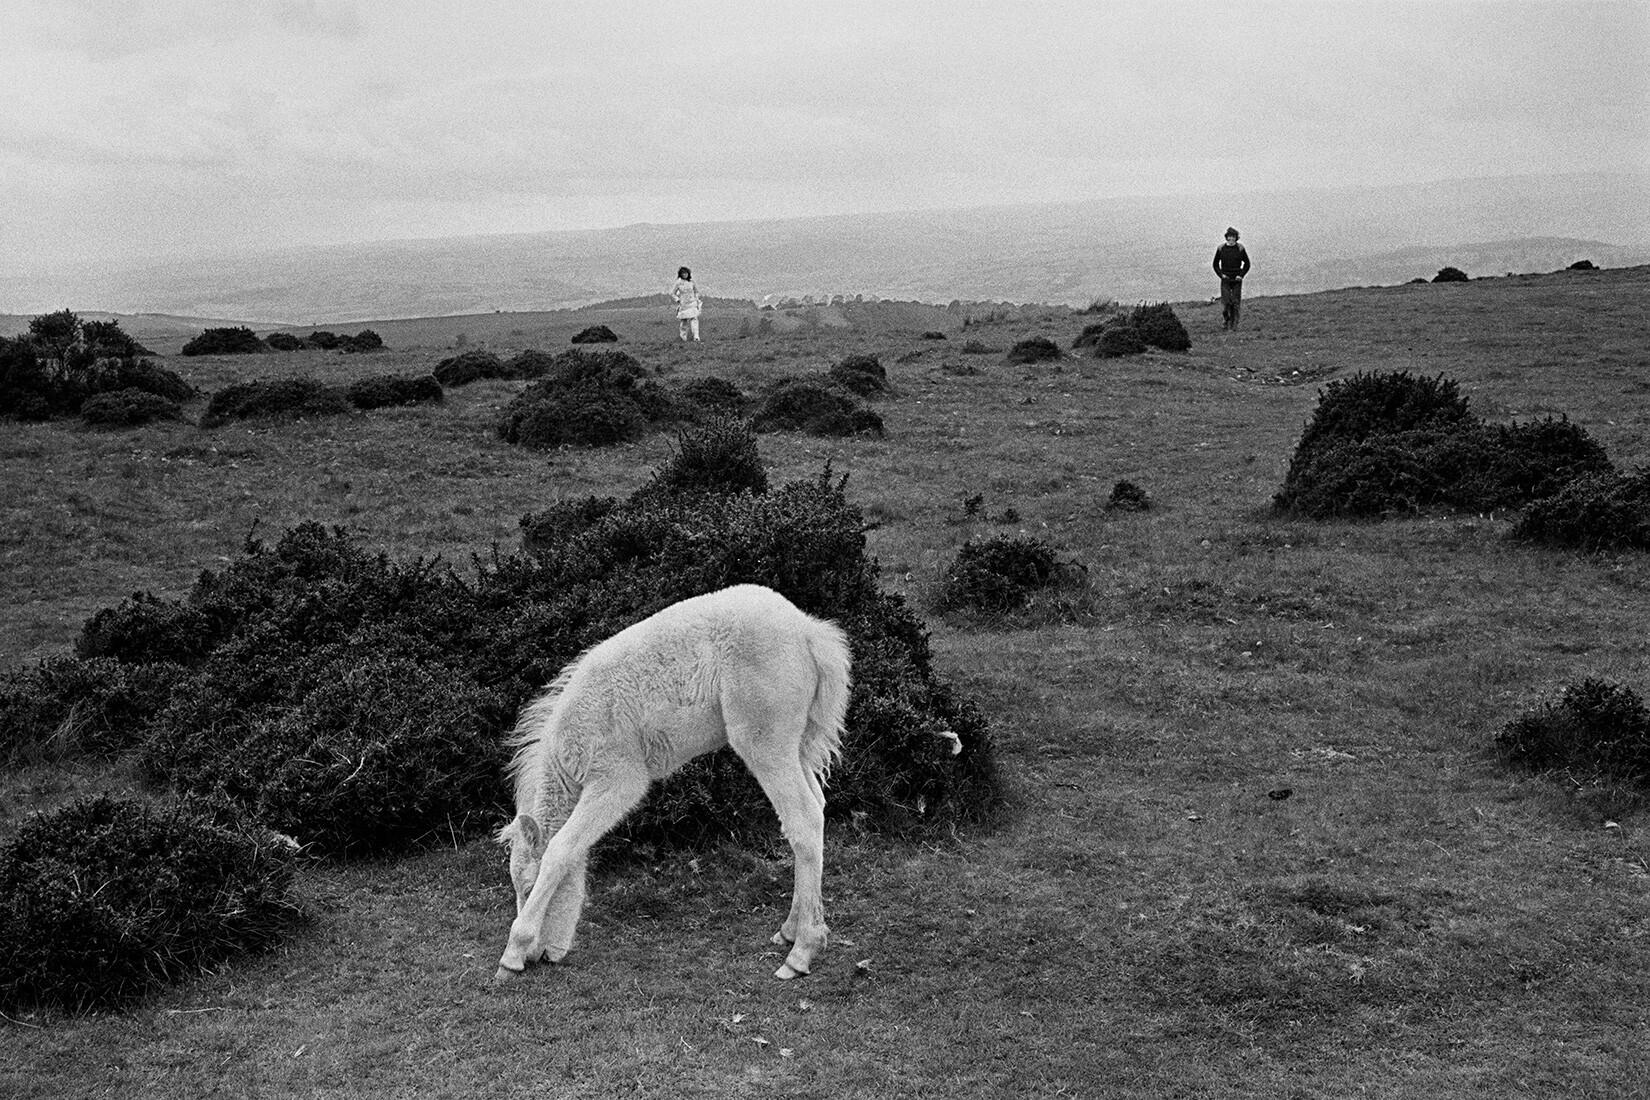 Дикий пони и туристы. Блэк-Маунтинс, Уэльс, Великобритания, 1974. Фотограф Дэвид Хёрн